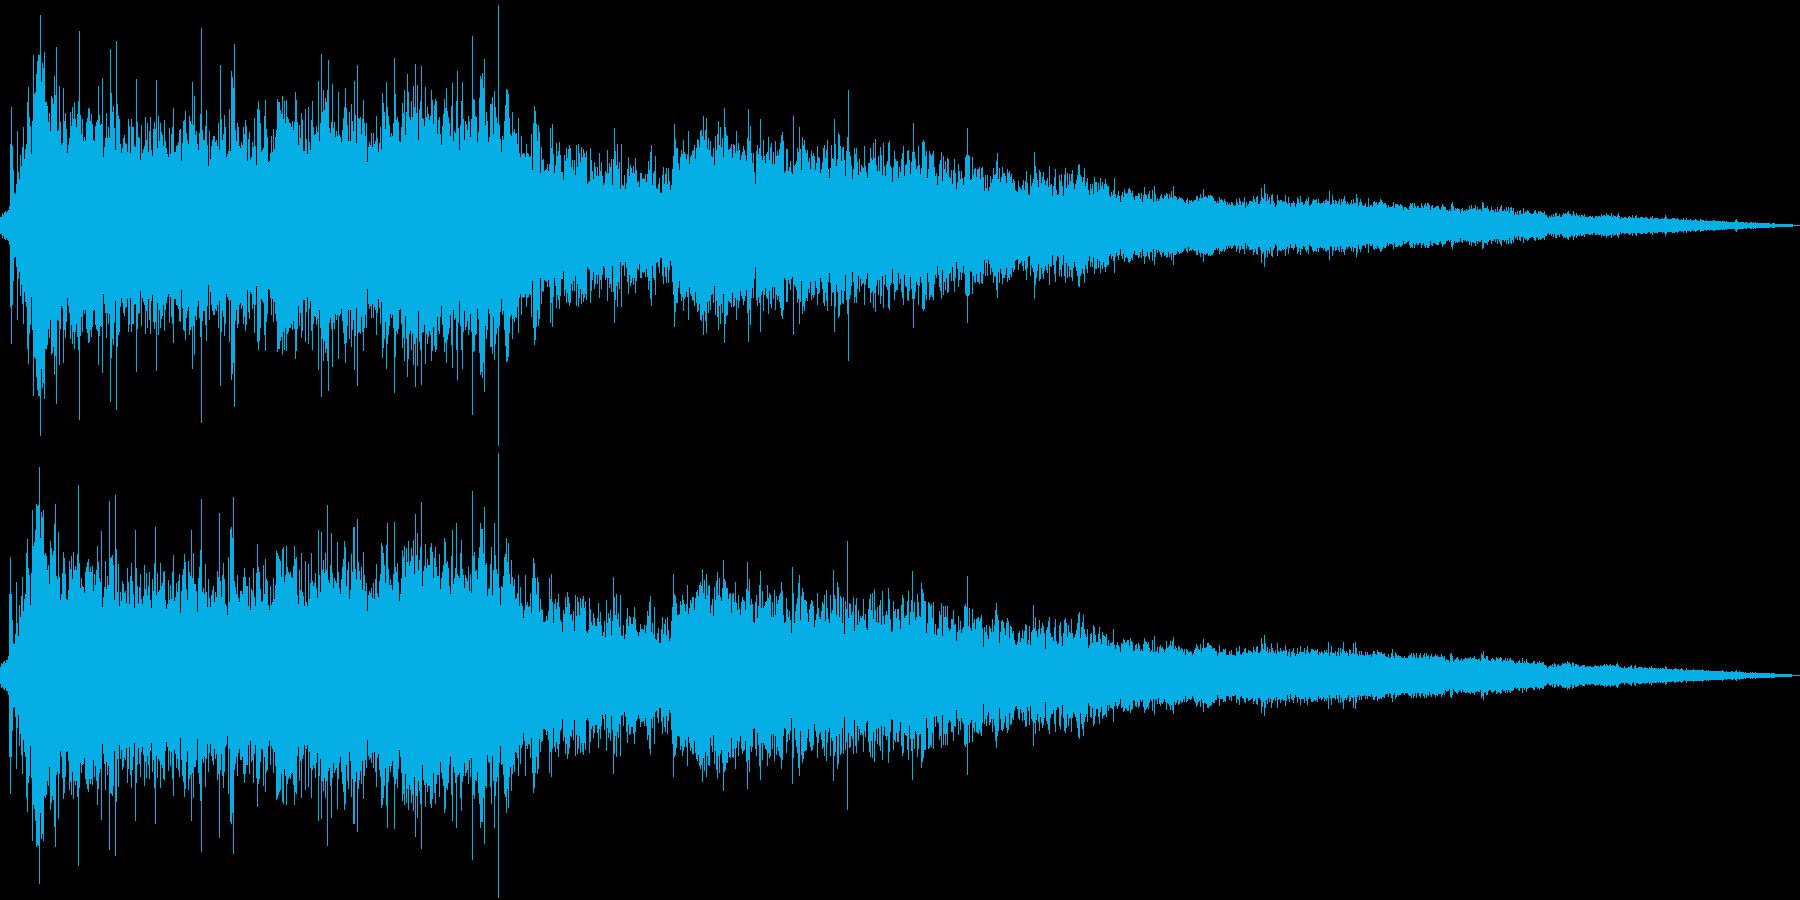 トイレを流す音_01_STの再生済みの波形